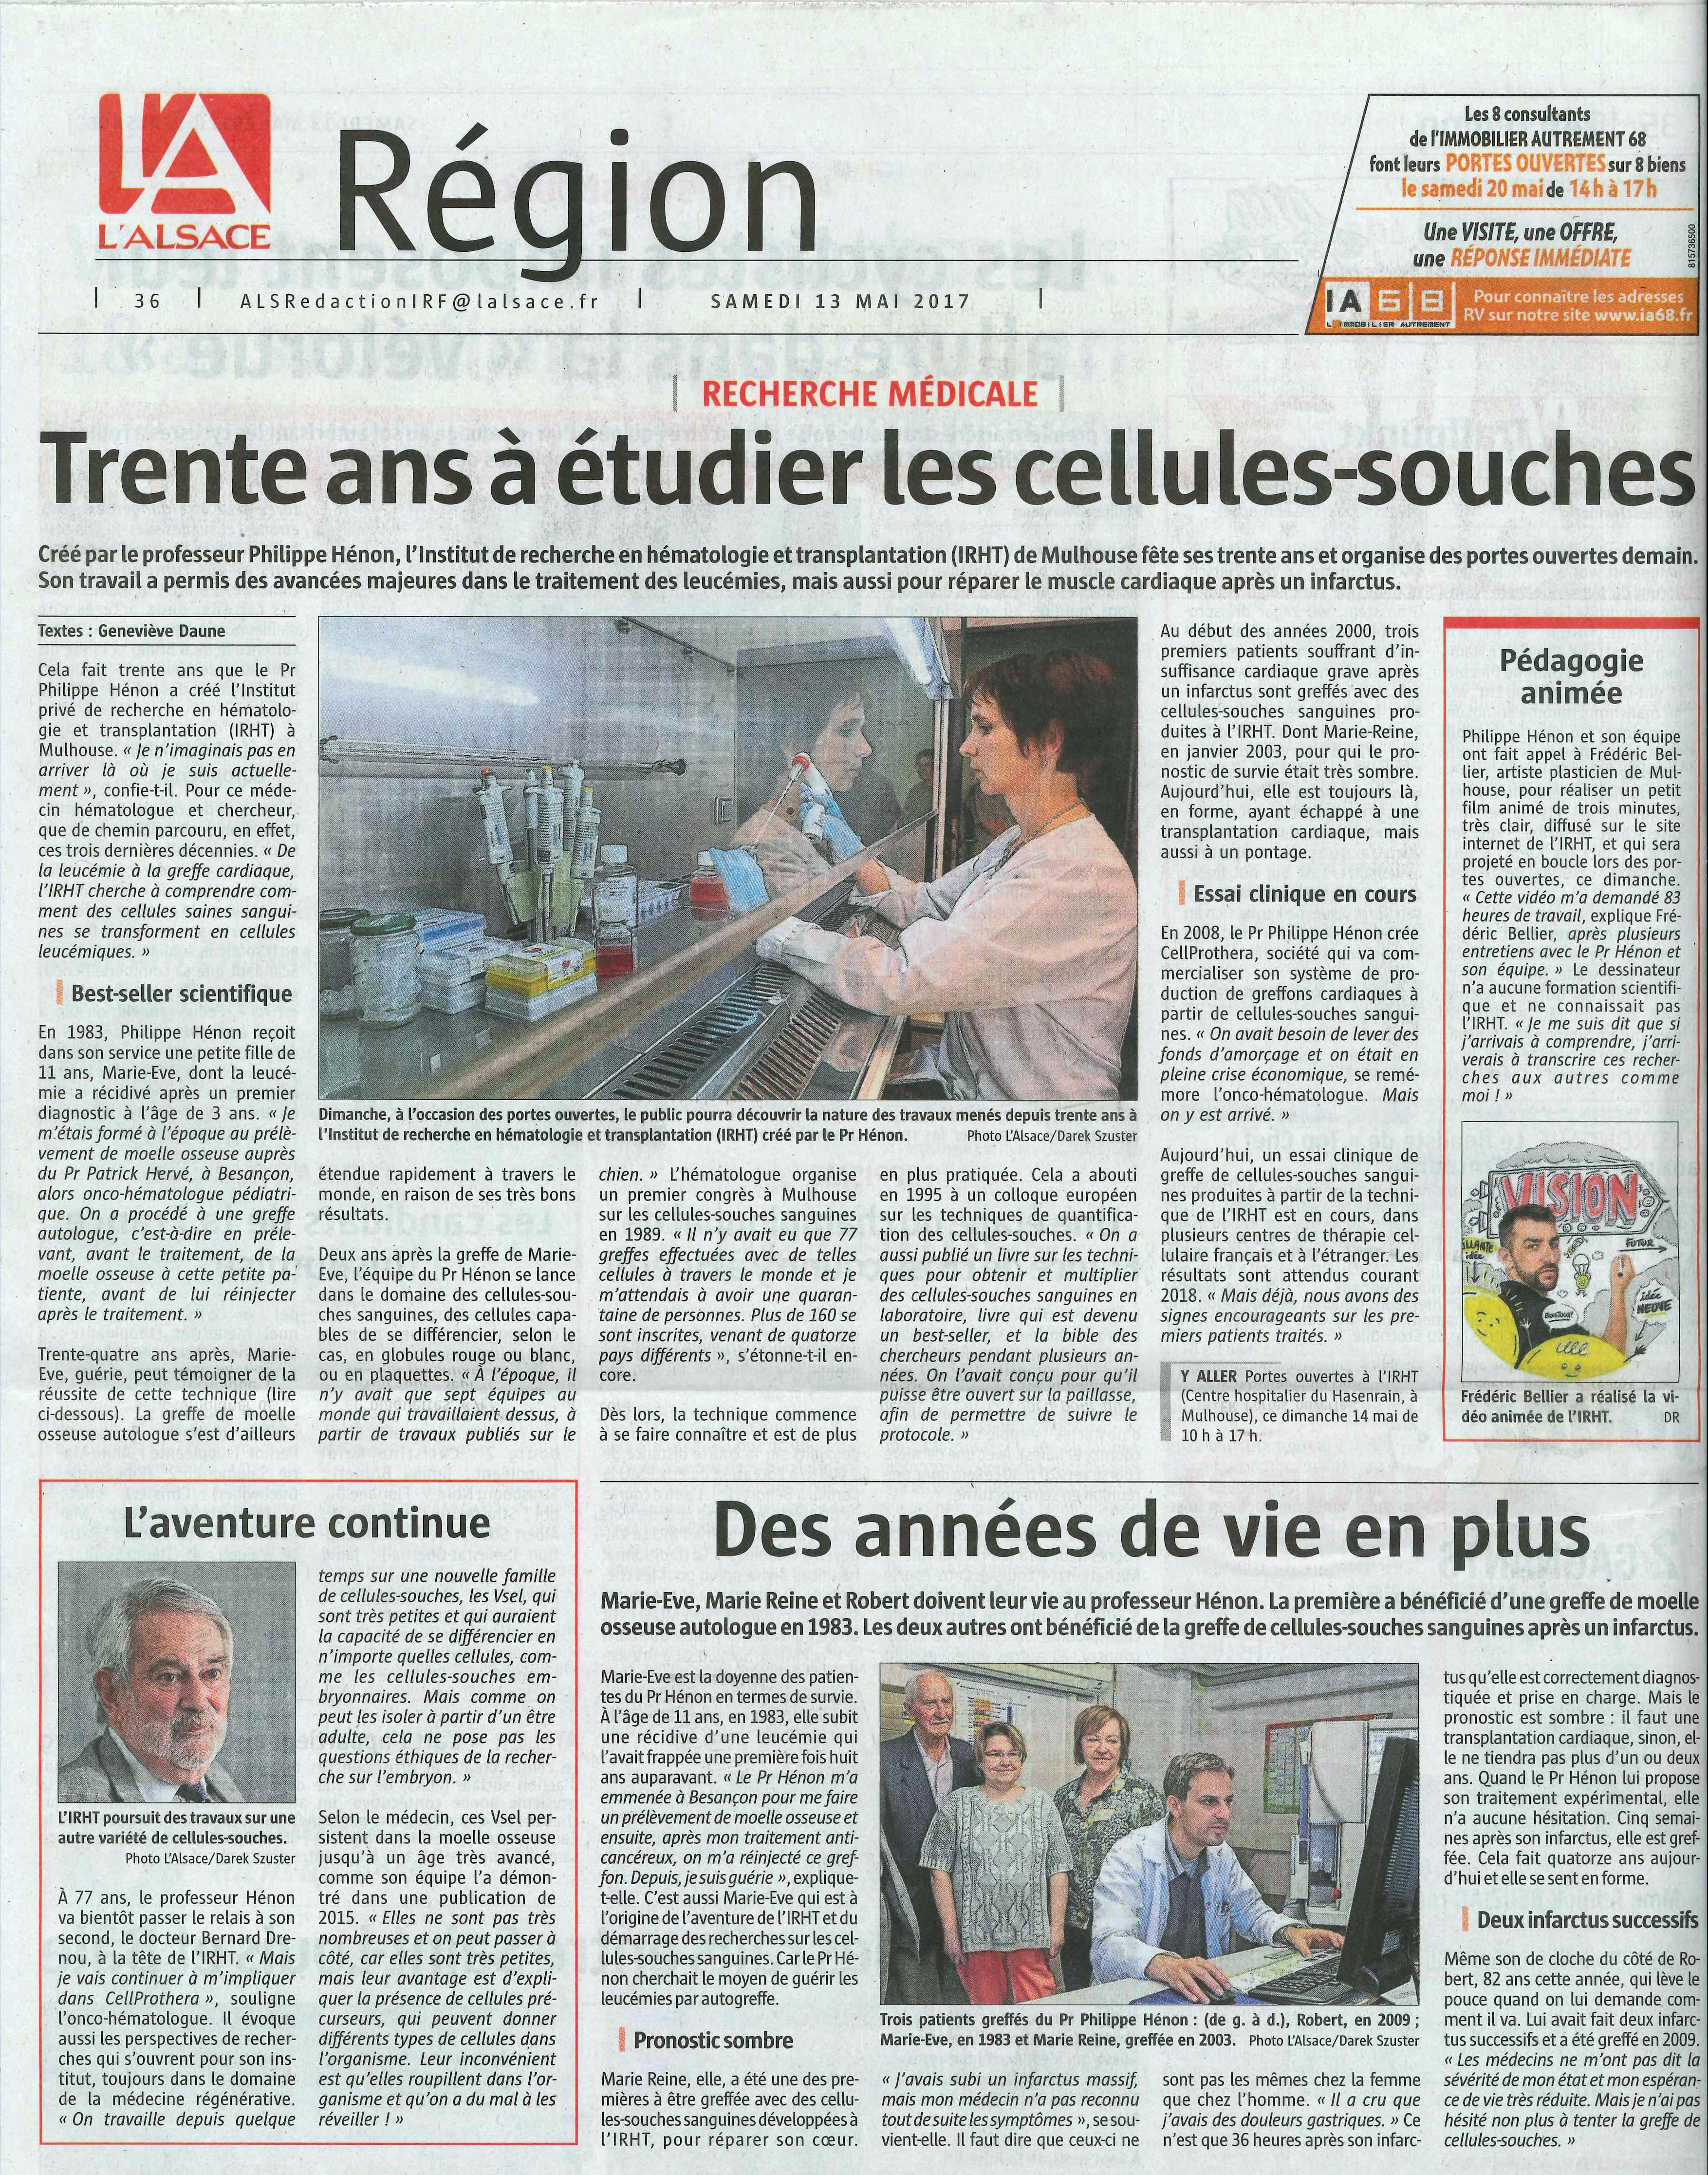 L'Alsace 13 mai 2017 - Article Trente ans à étudier les cellules-souches